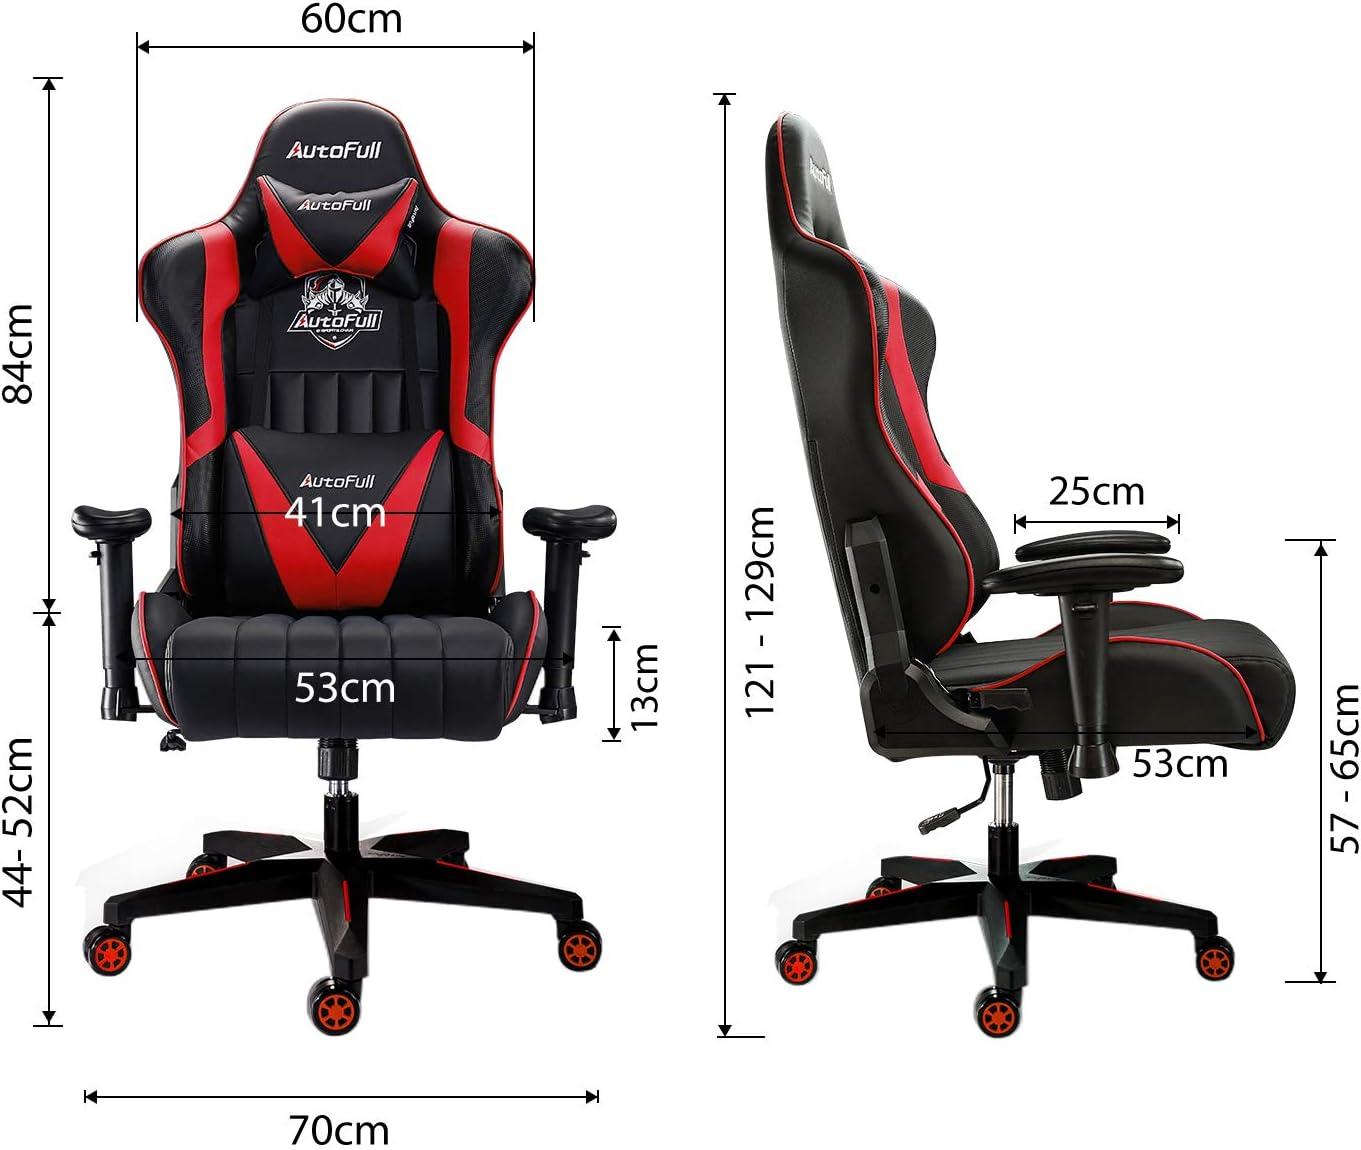 DREI Jahre Garantie AutoFull Gaming Stuhl Schreibtischstuhl Gamer Ergonomischer B/ürostuhl mit hoher R/ückenlehne und Lendenwirbelst/ütze,PU-Leder,Einstellbare Sitzh/öhe und R/ückenlehnenneigung,Rot